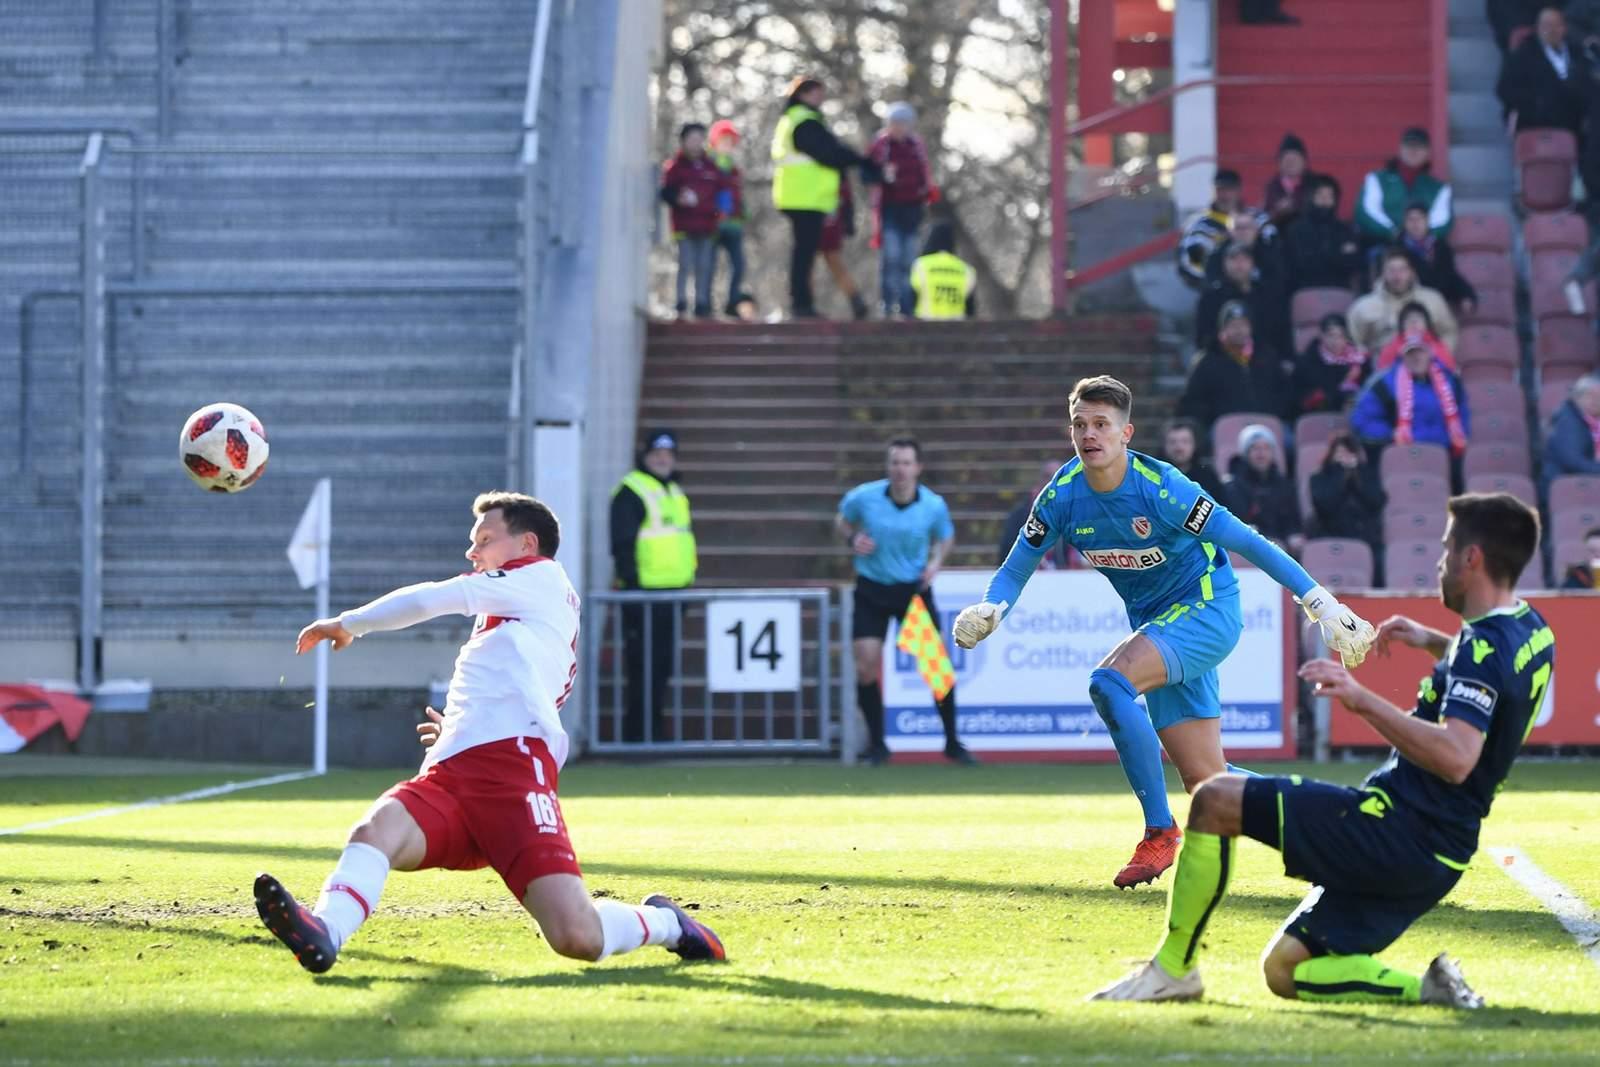 Stefan Lex erzielt Tor für 1860 München in Cottbus